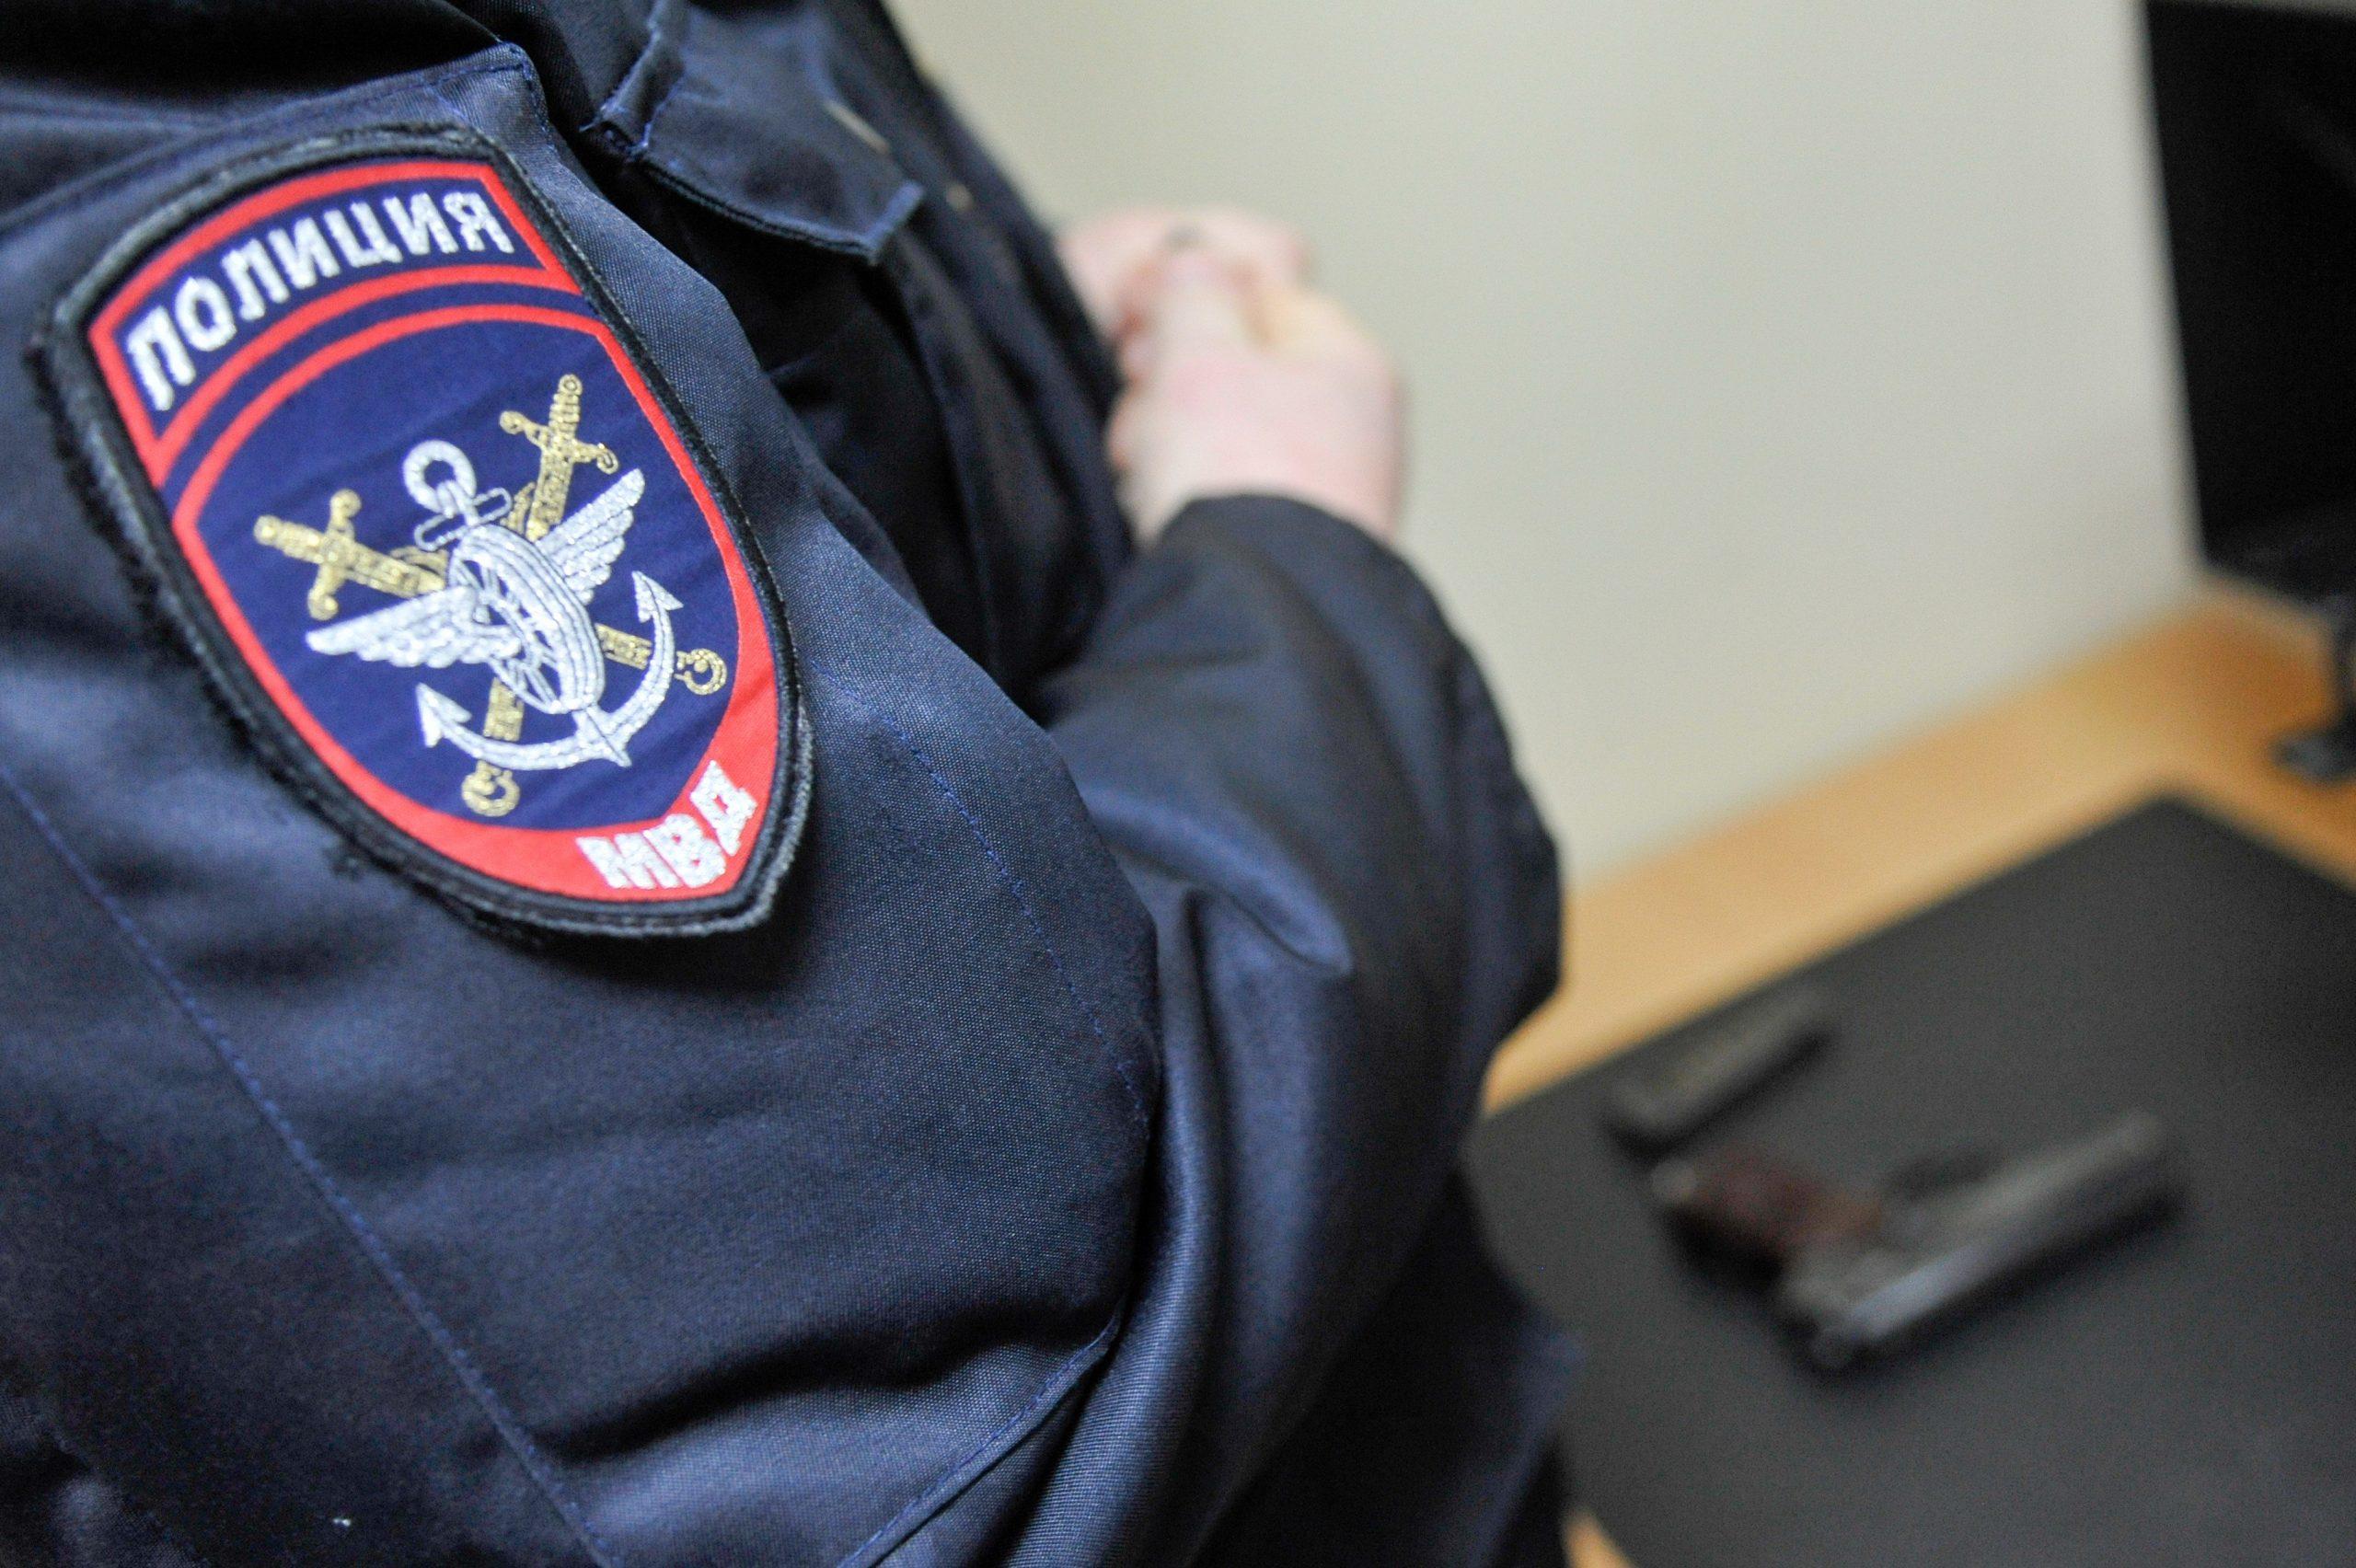 Полицейские задержали продавца с поддельной медкнижкой на Ленинградском шоссе. Фото: АГН «Москва»